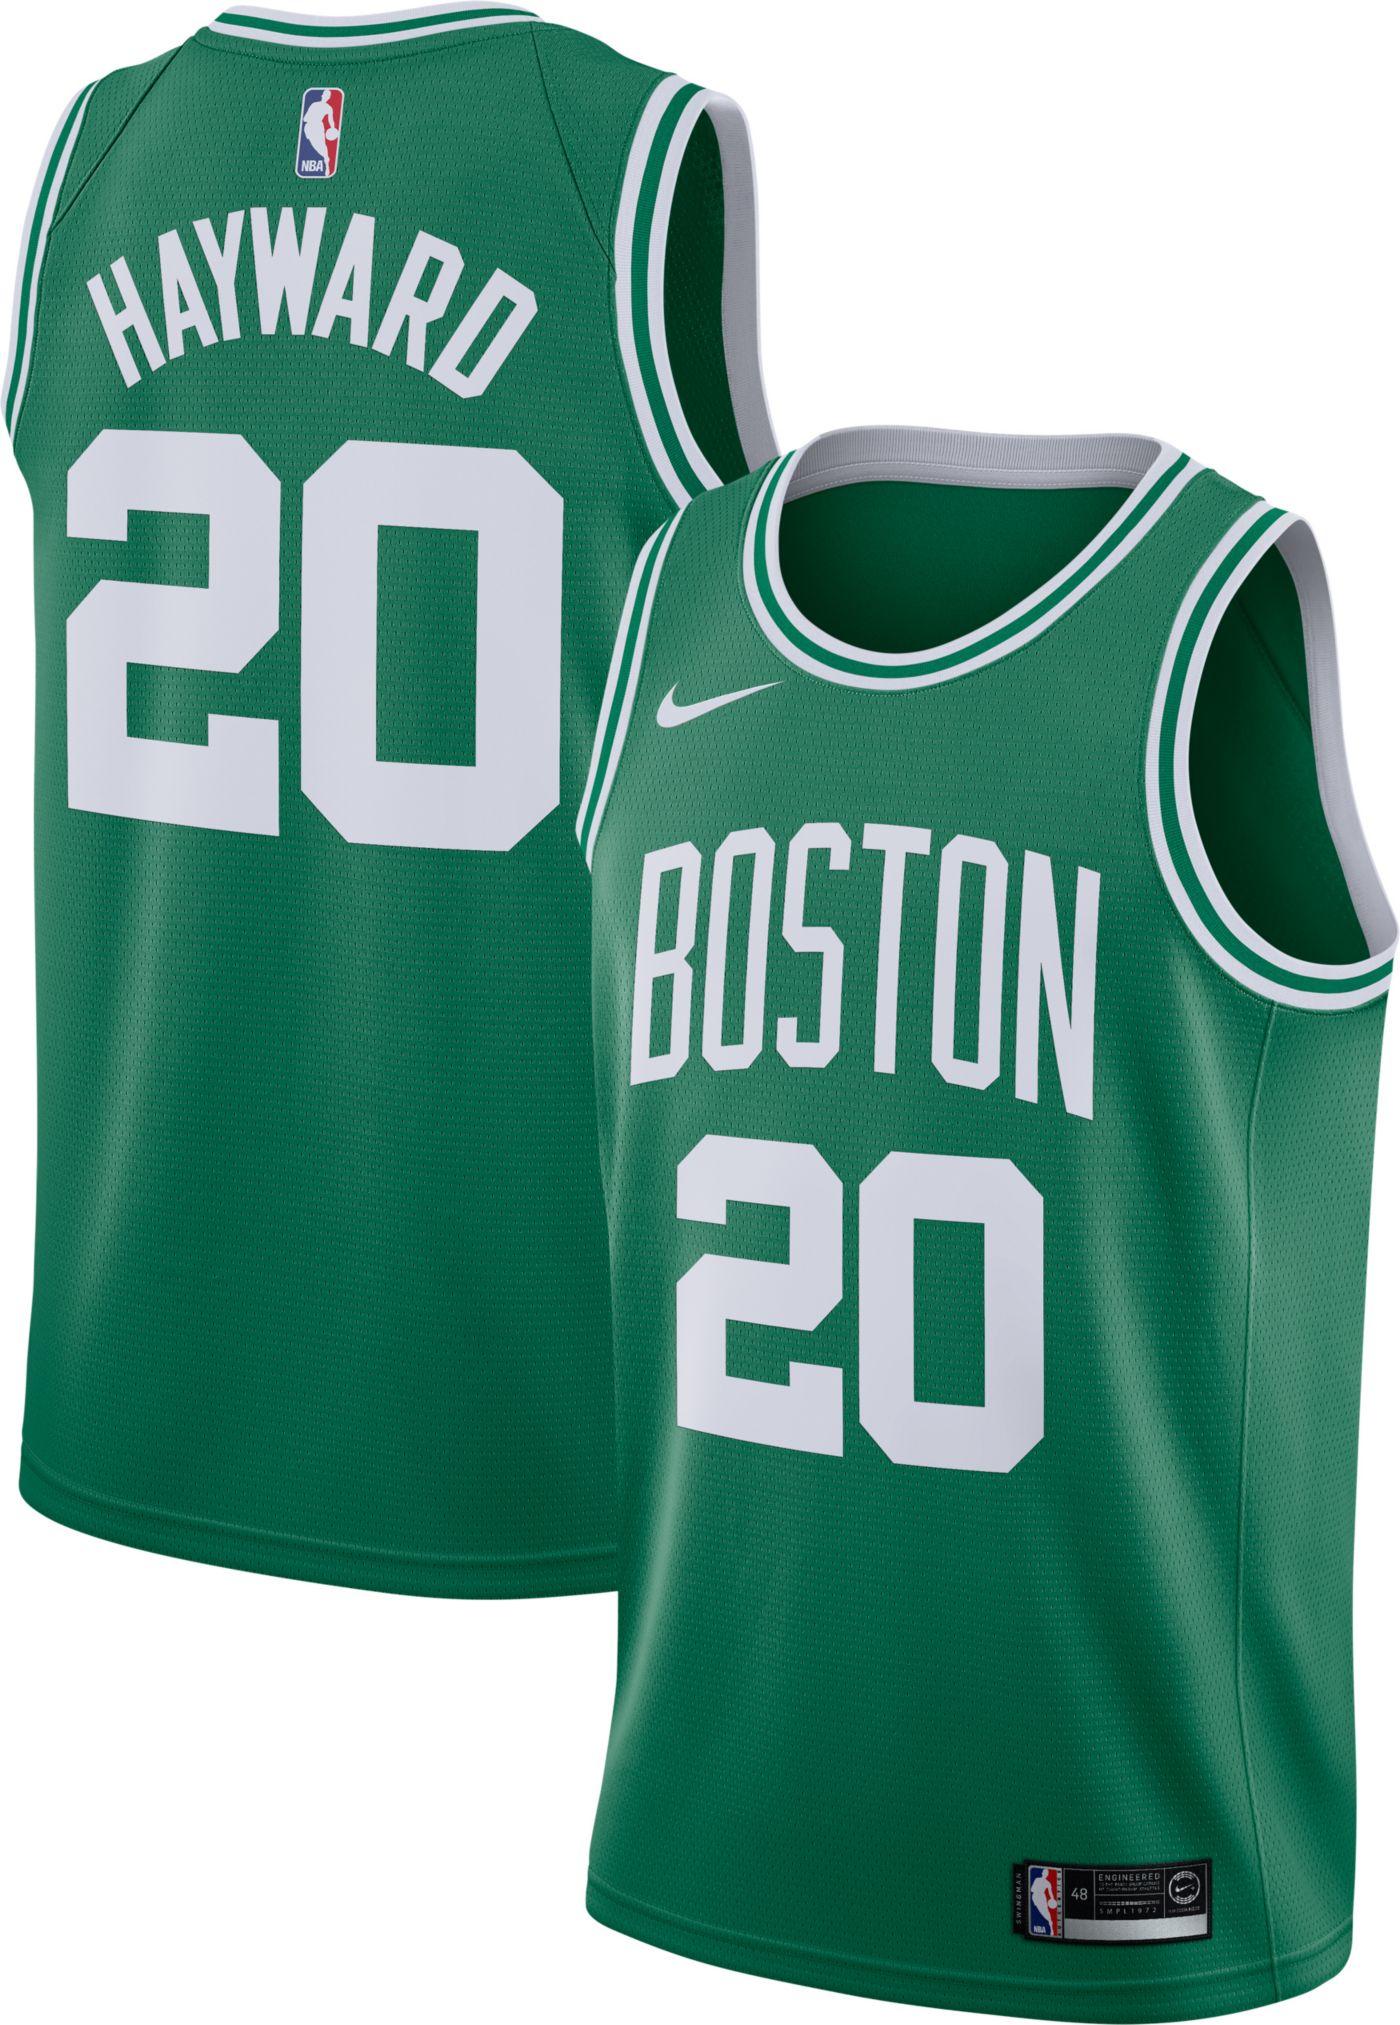 Nike Men's Boston Celtics Gordon Hayward #20 Kelly Green Dri-FIT Swingman Jersey